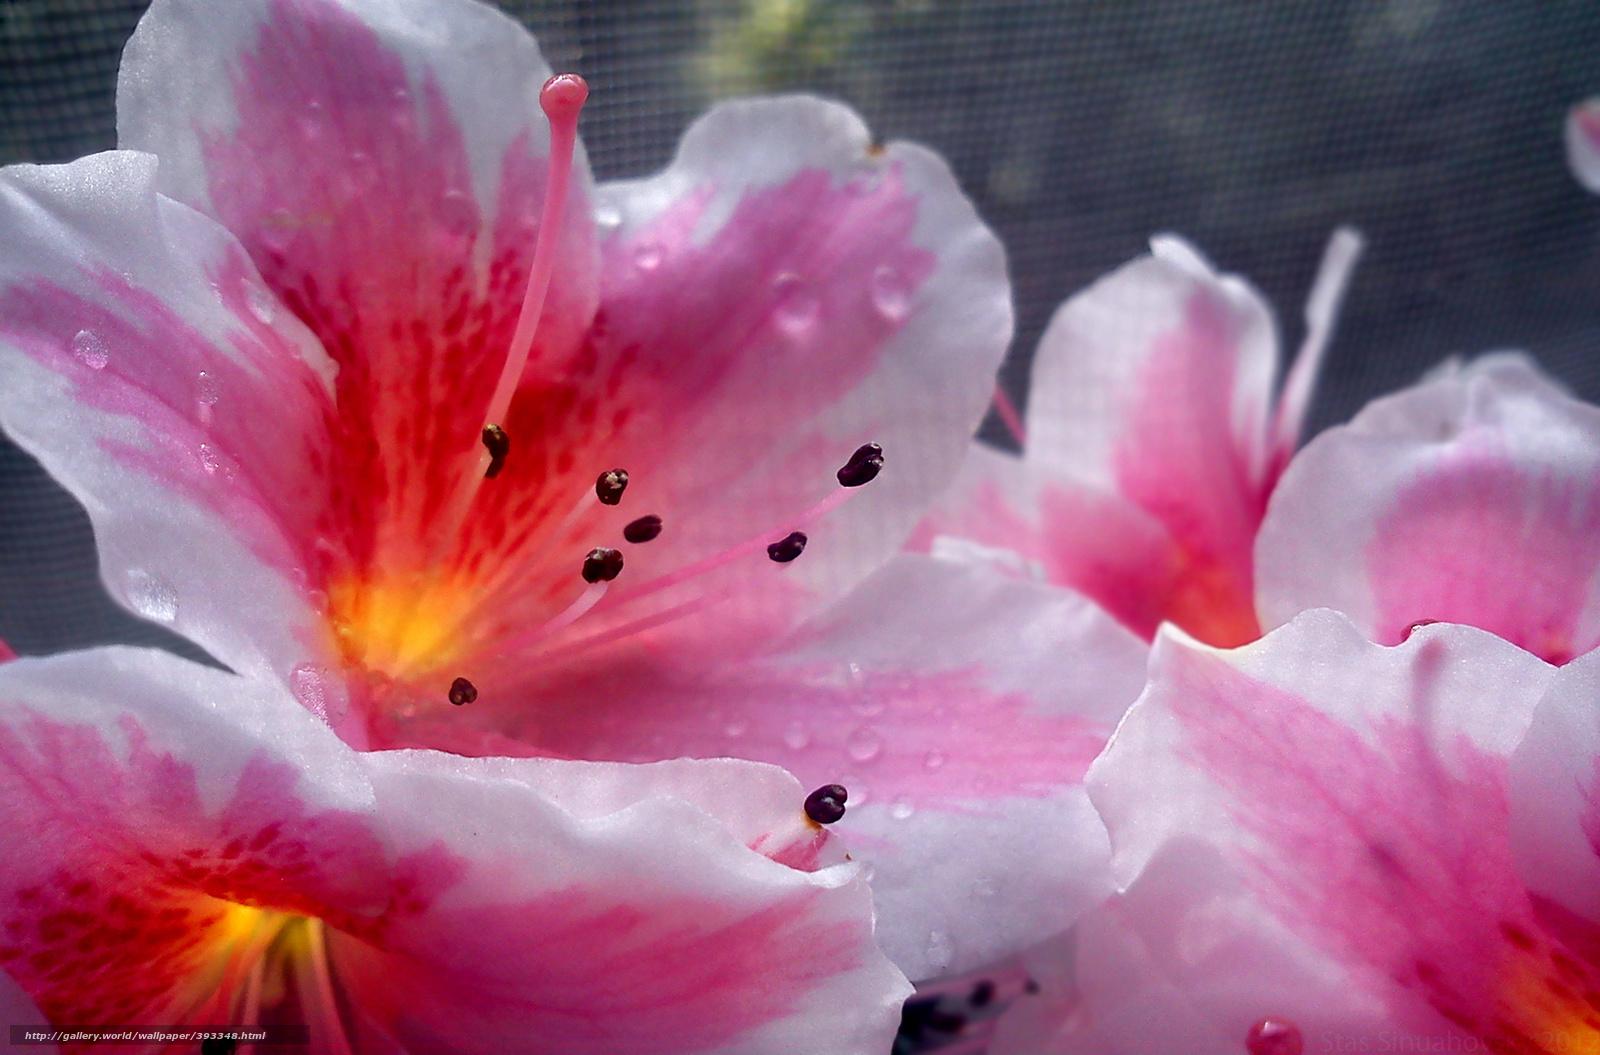 Scaricare gli sfondi fiori impianto macro sfondi gratis for Sfondi desktop fiori